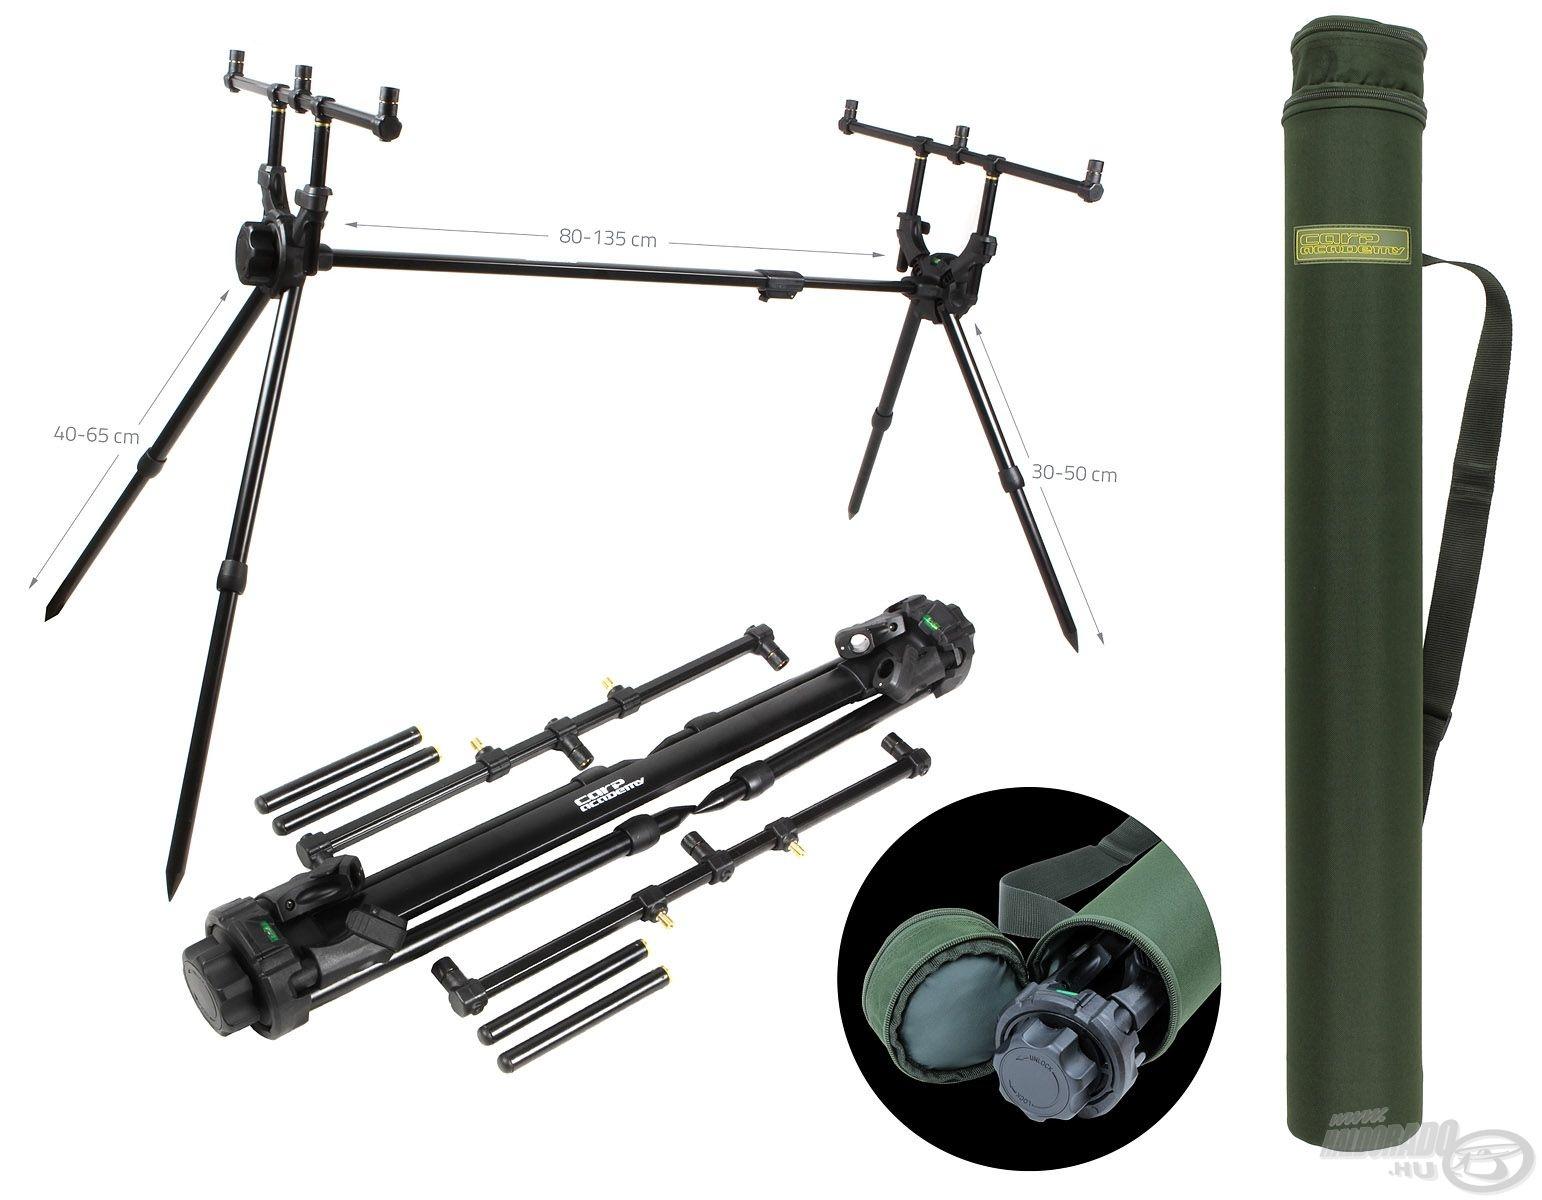 A Deluxe Rod Pod-ot haladó és akár profi bojlis horgászoknak is bátran ajánlunk!